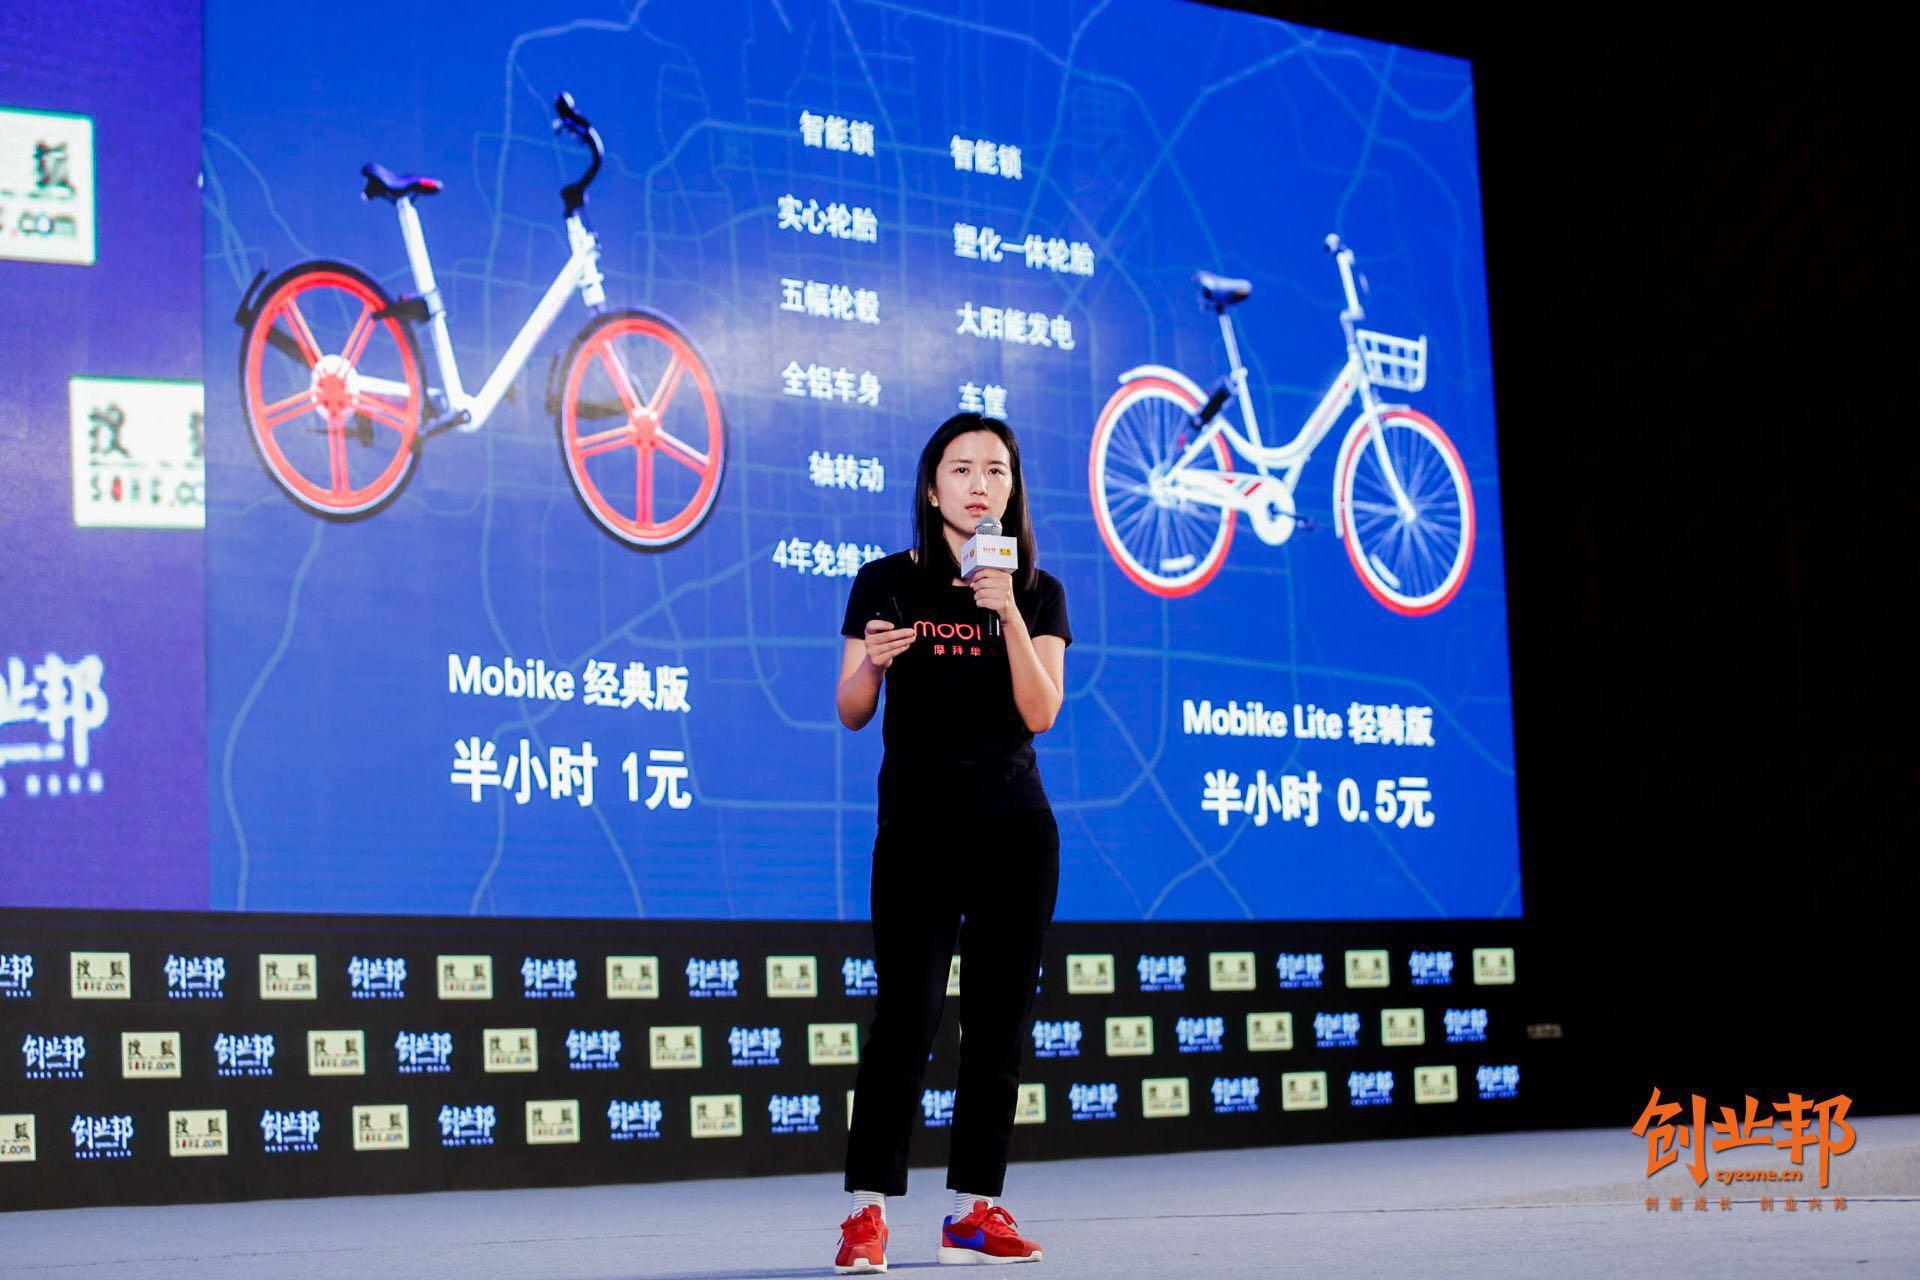 """摩拜单车胡玮炜:很多人都说""""你的自行车会被偷光"""",我为什么坚持还要做?"""